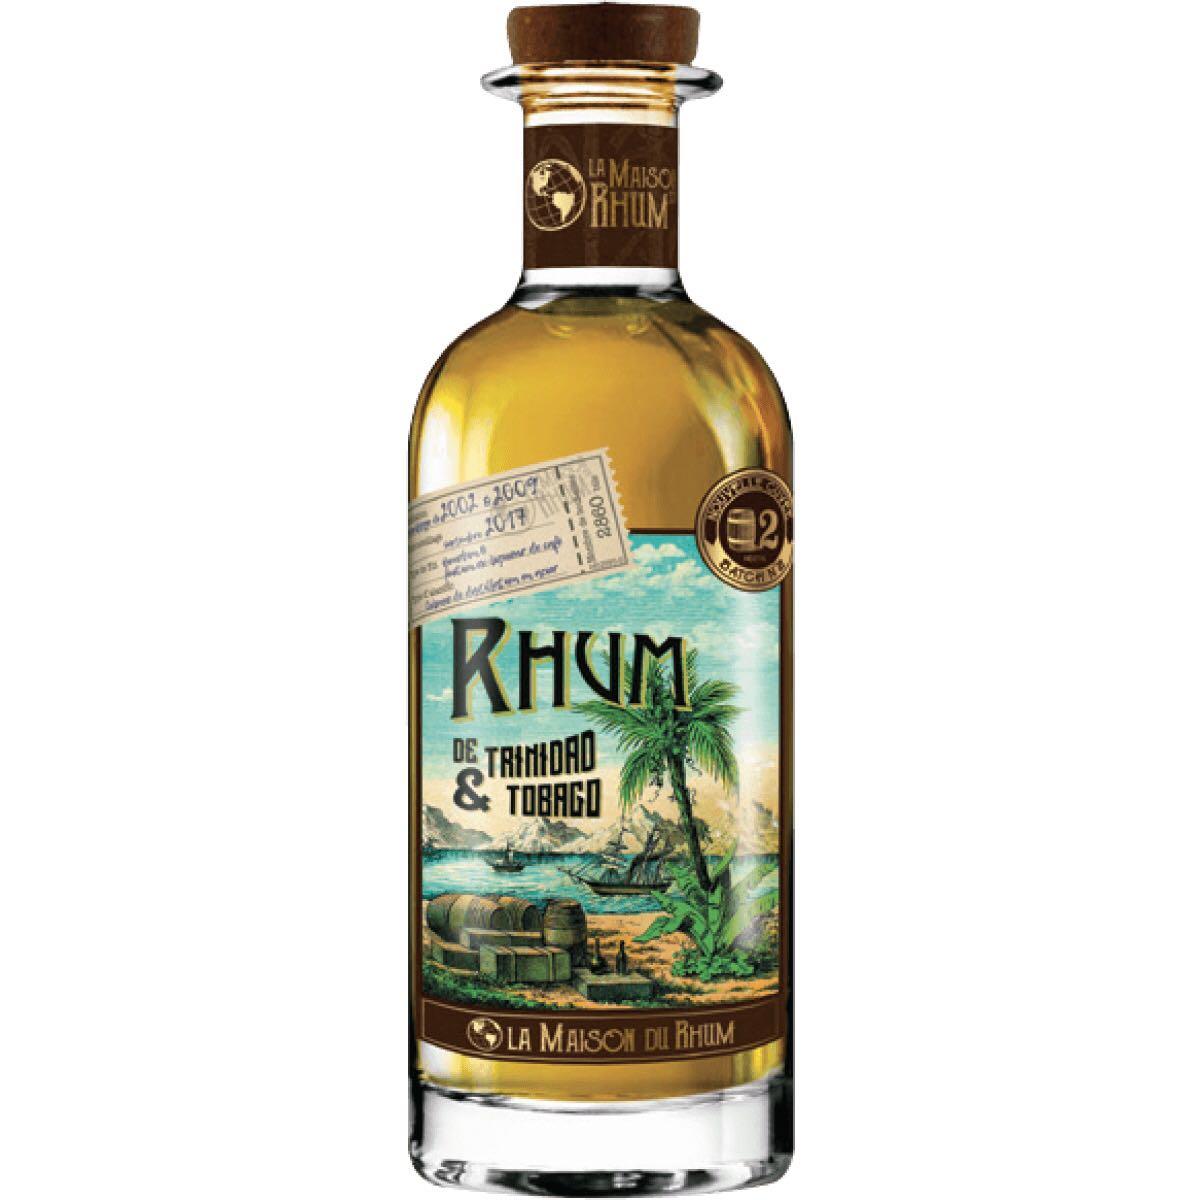 Bottle image of La Maison du Rhum Trinidad & Tobago #2